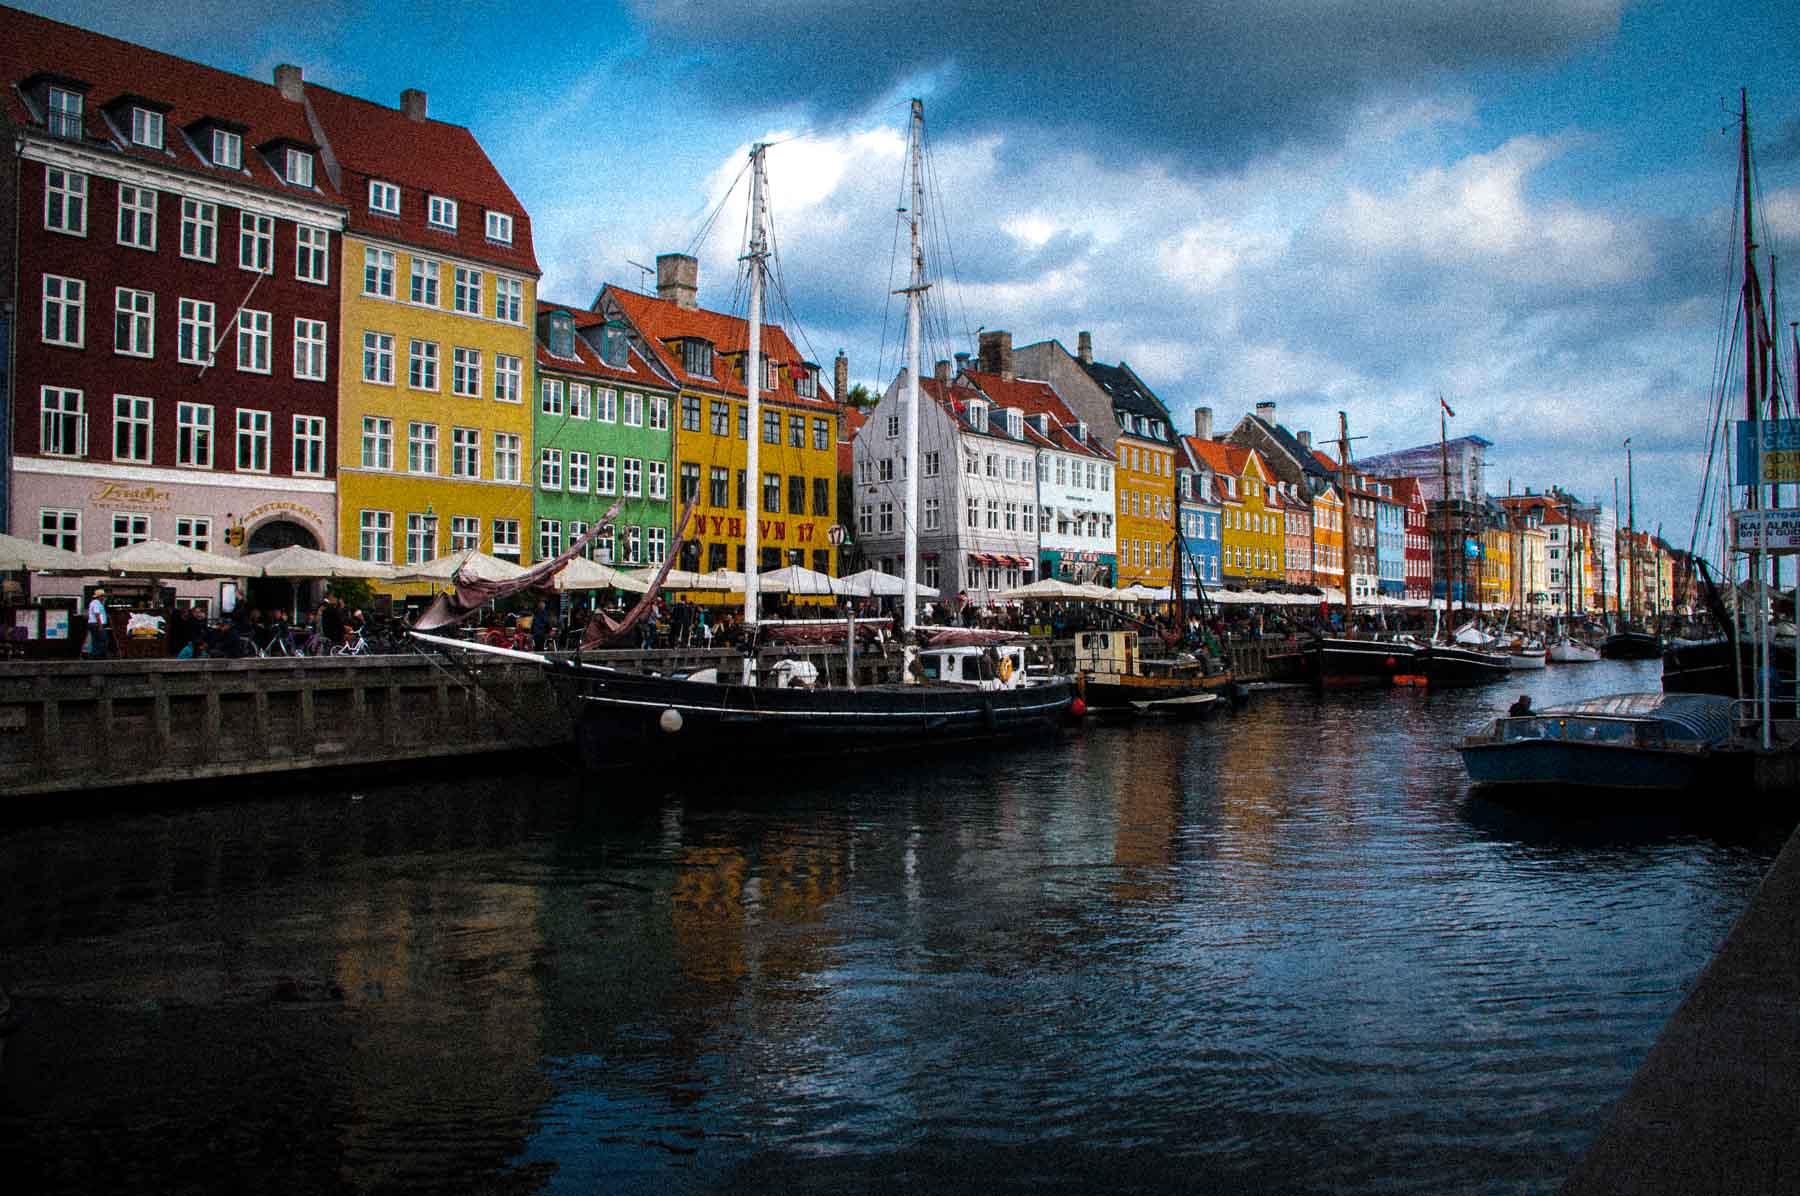 Die bunten Häuser in Koppenhagen gelten als eine der großen Sehenswürdigkeiten der Dänischen Hauptstadt